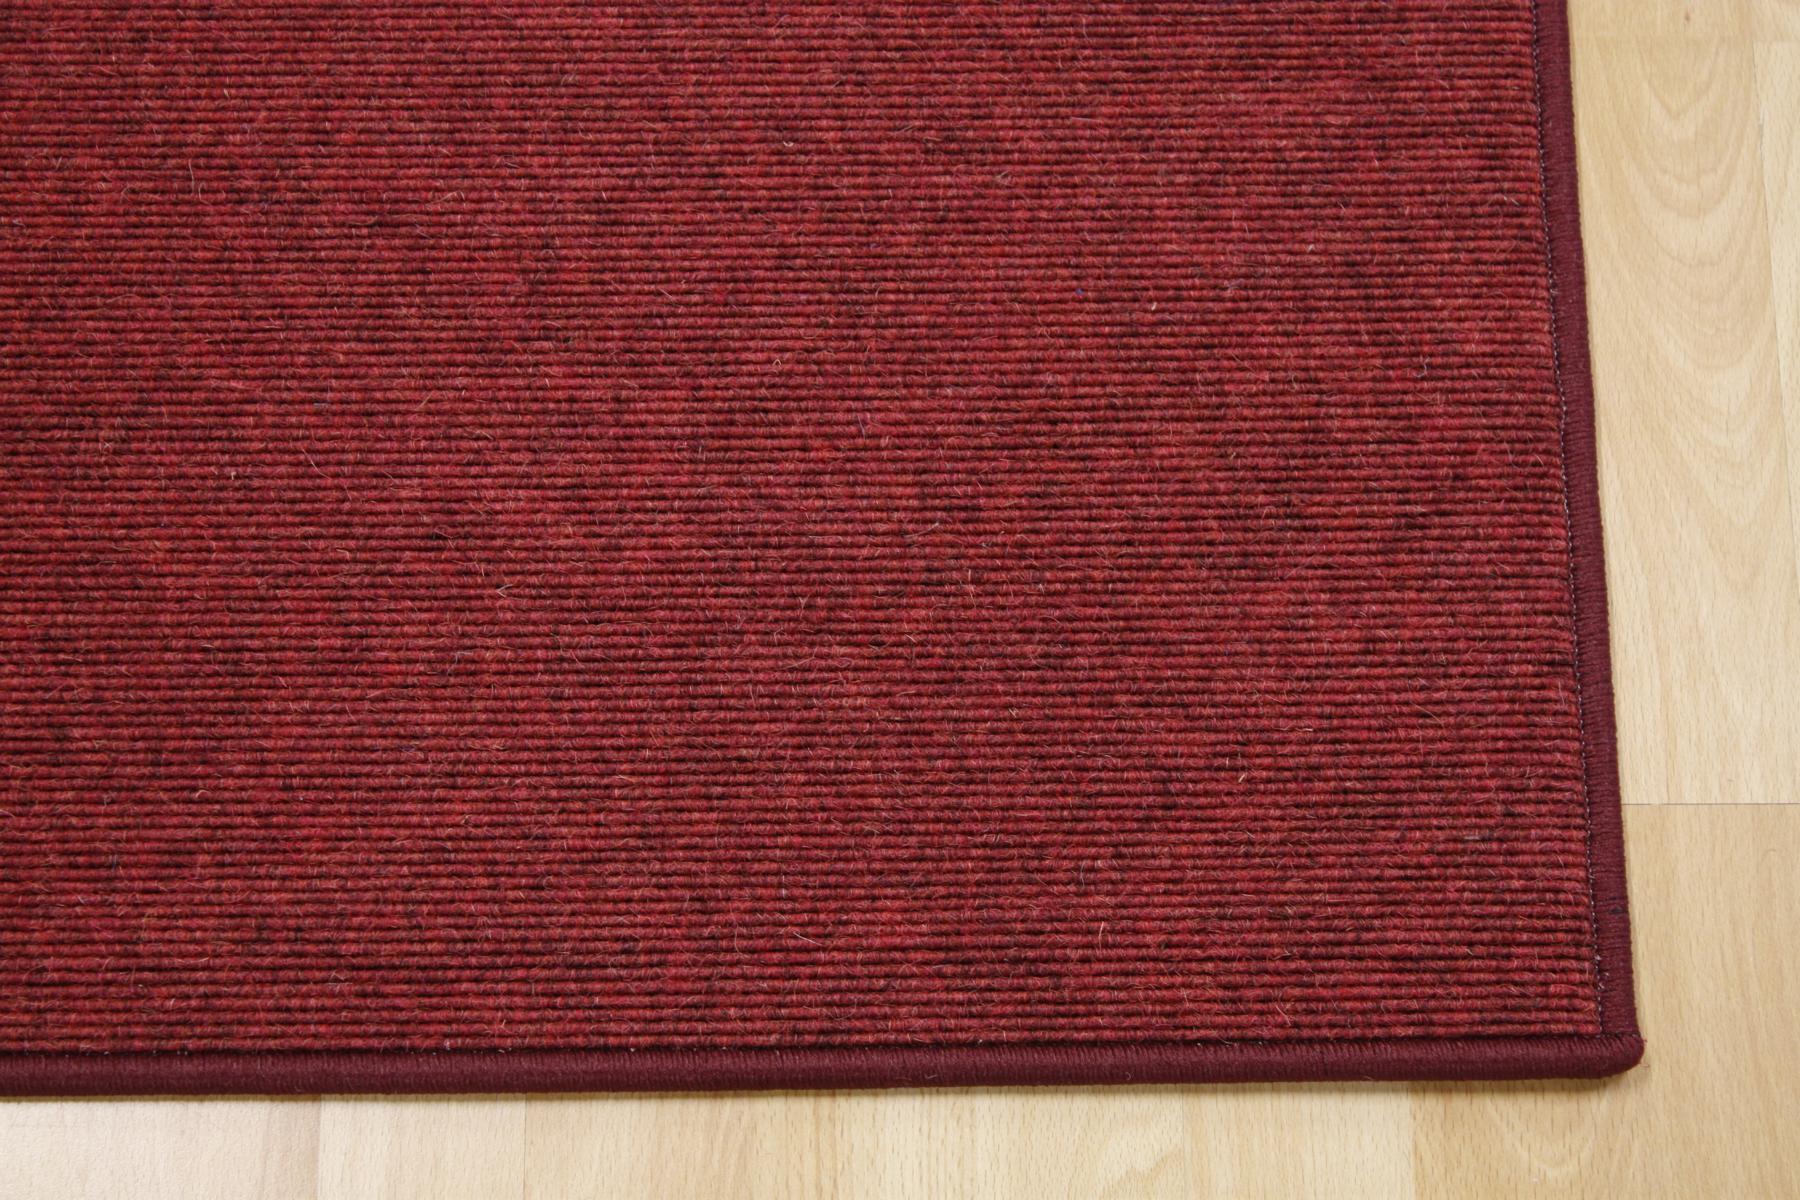 teppich tretford 524 umkettelt 150 x 200 cm ziegenhaar interland ebay. Black Bedroom Furniture Sets. Home Design Ideas